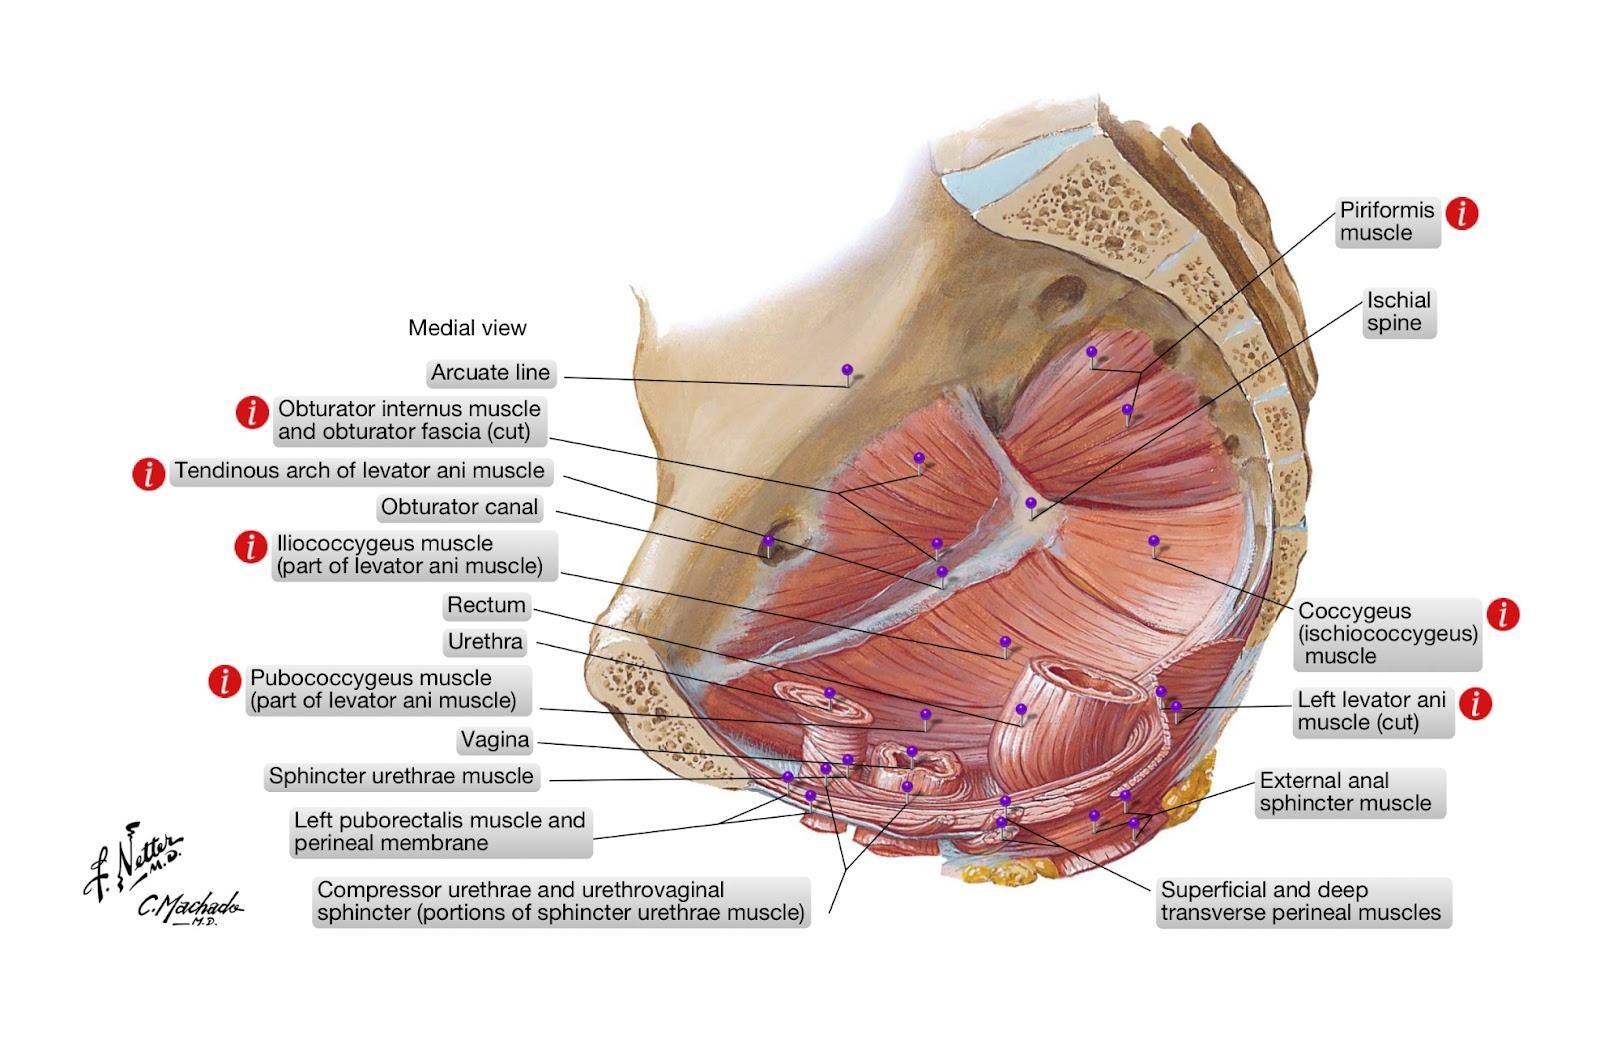 erezione dei muscoli coccigei metodi di trattamento dellerezione prematura